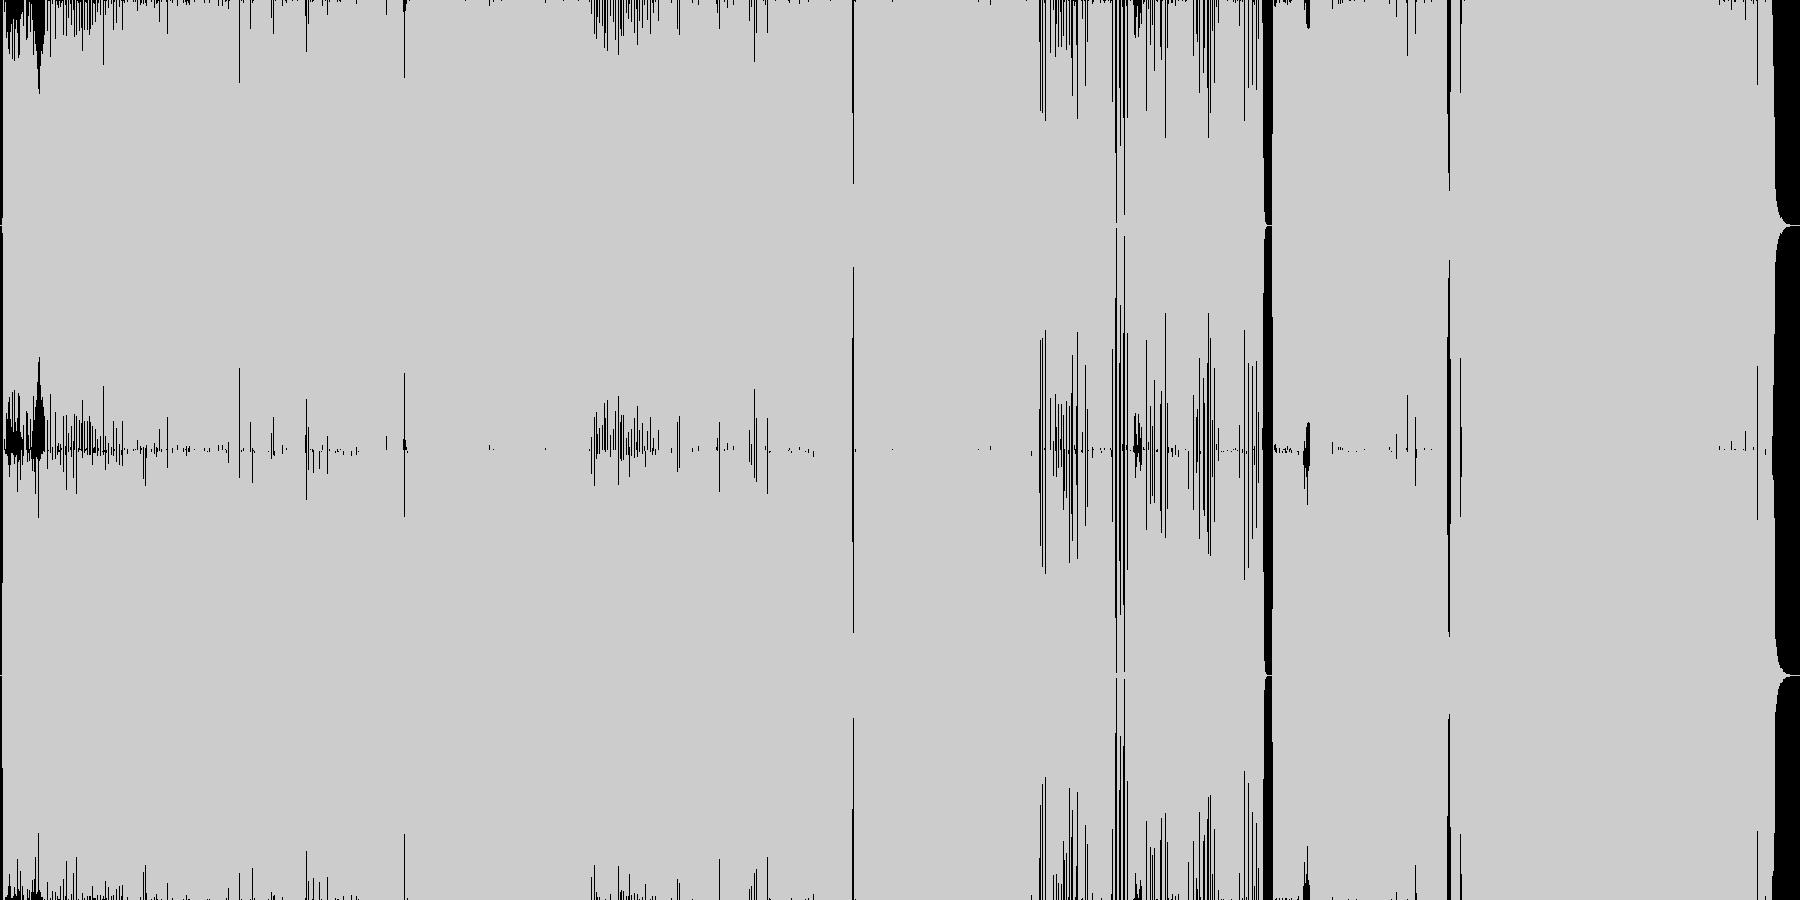 軽快で展開の速いロック曲。ノリがよい。の未再生の波形